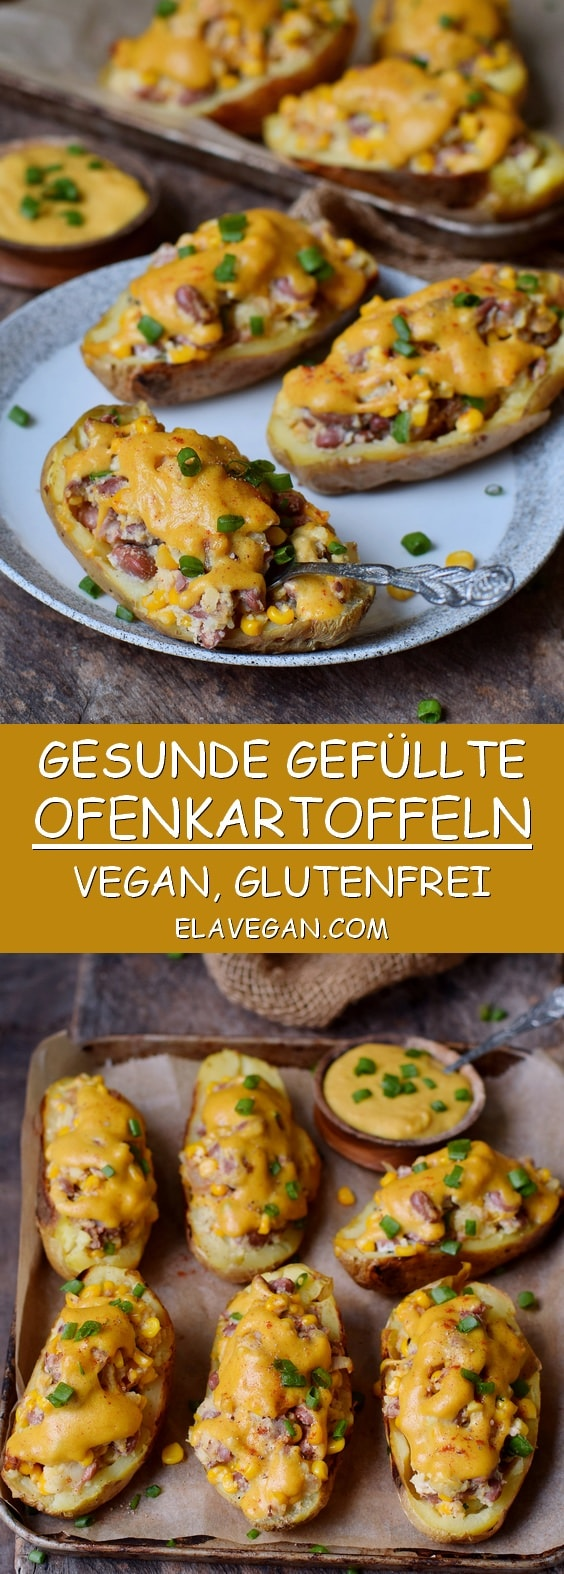 Gefüllte Ofenkartoffeln (gesund, glutenfrei, pflanzlich) mit Gemüse und veganem Käse